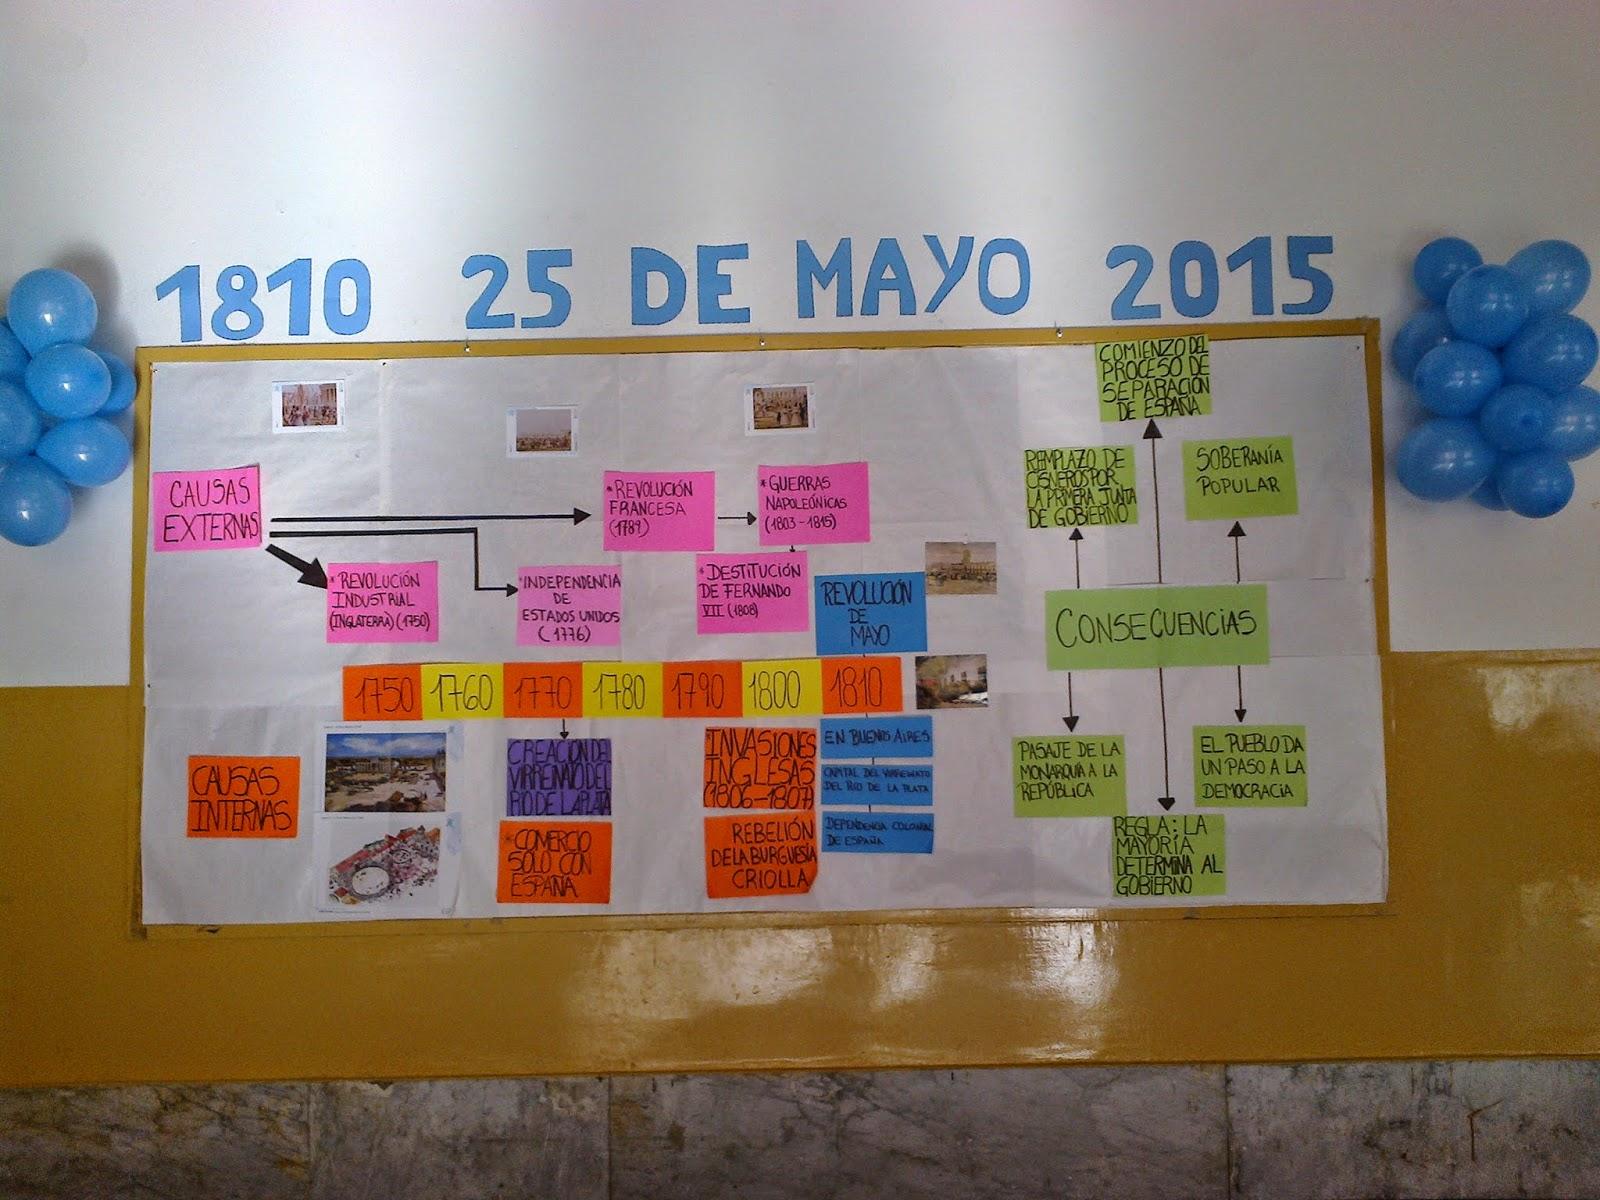 ... DE TIEMPO Y MAPA CONCEPTUAL DEL PROCESO REVOLUCIONARIO DE MAYO DE 1810